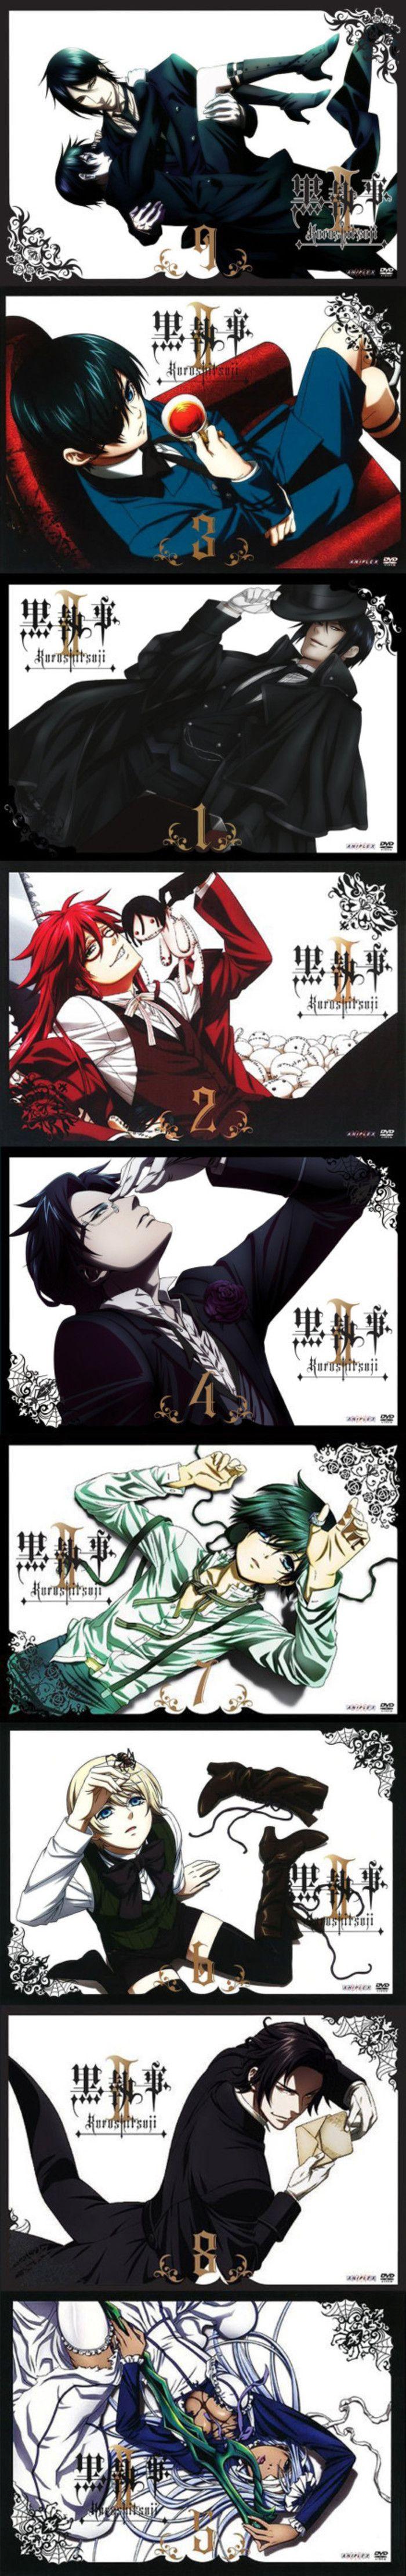 Black Butler / Kuroshitsuji season 2